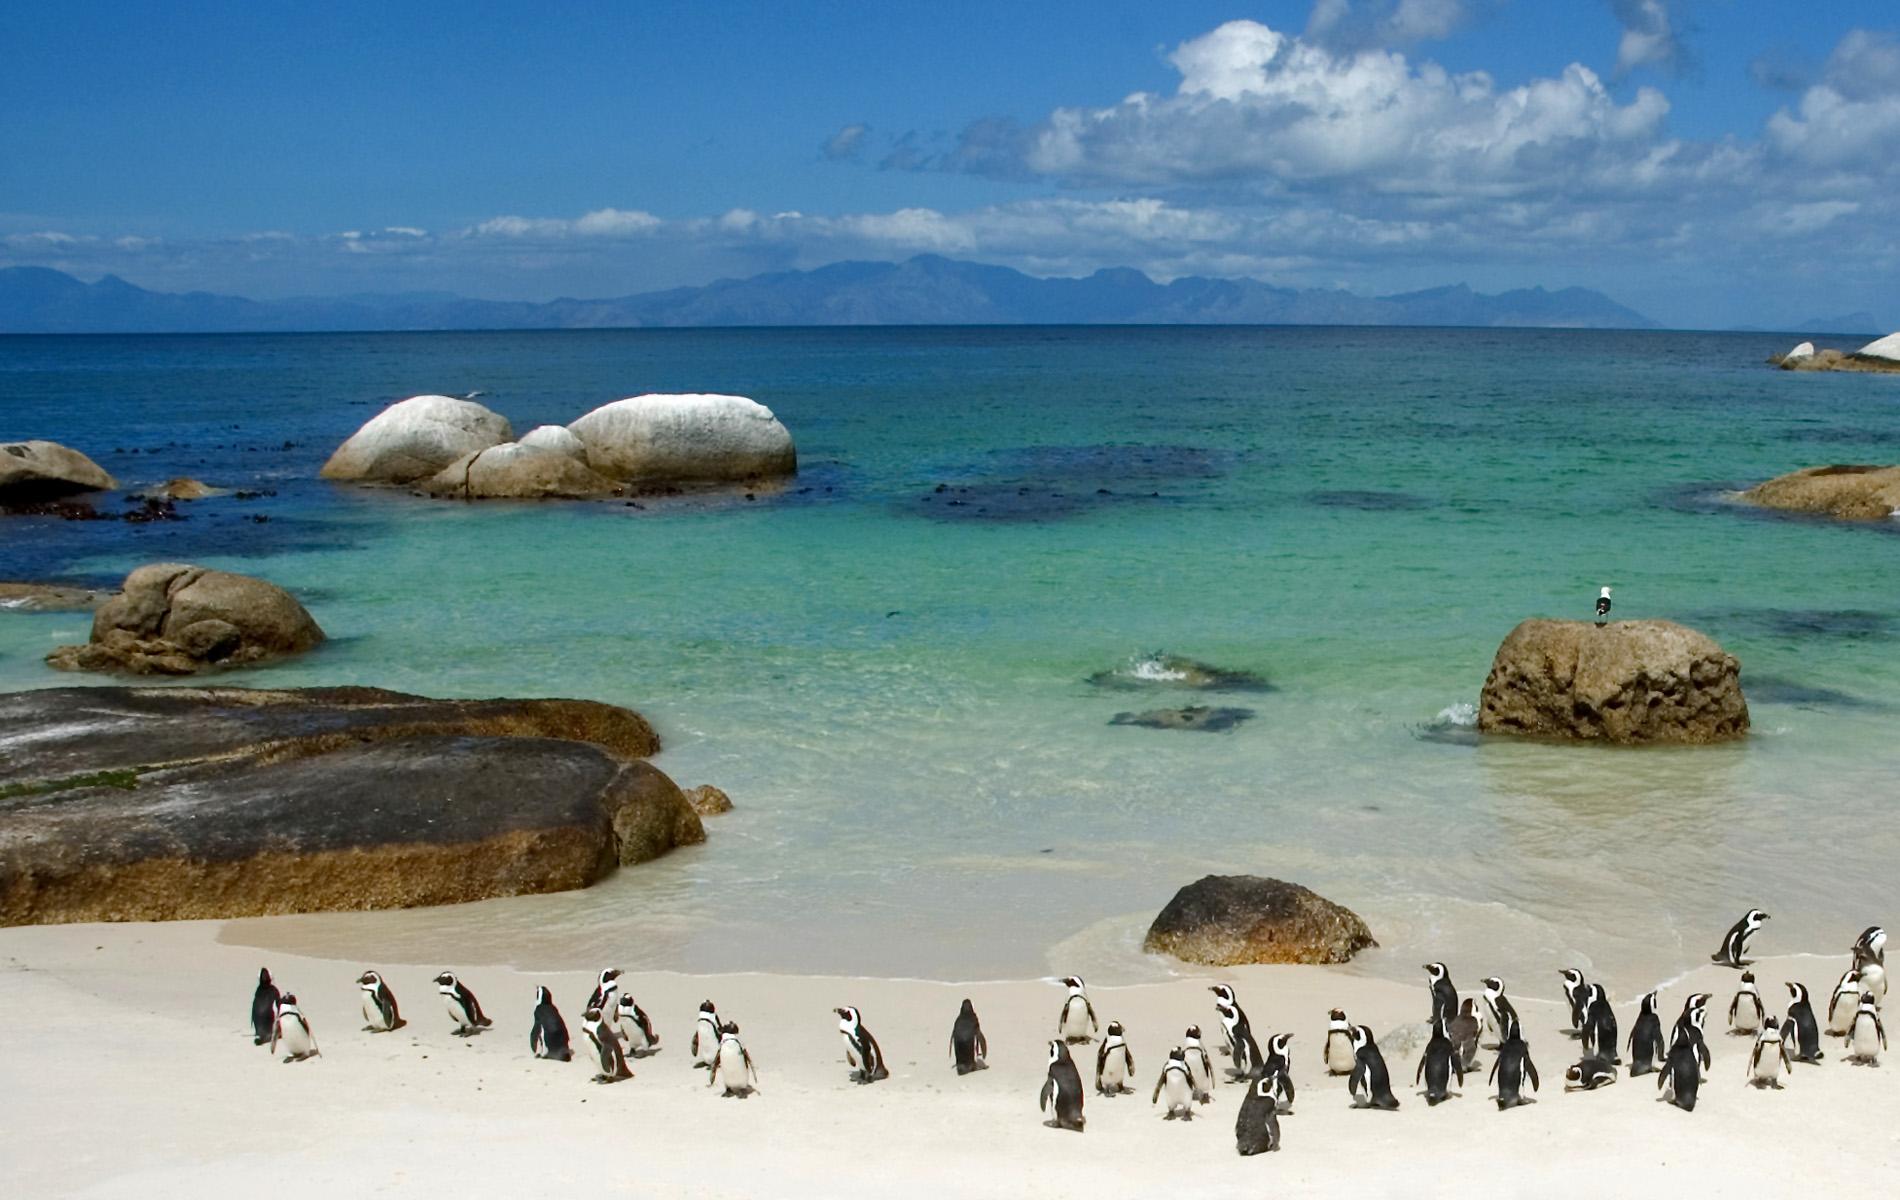 Penguins on Boulder Beach South Africa   Wallpaper 420 1900x1200